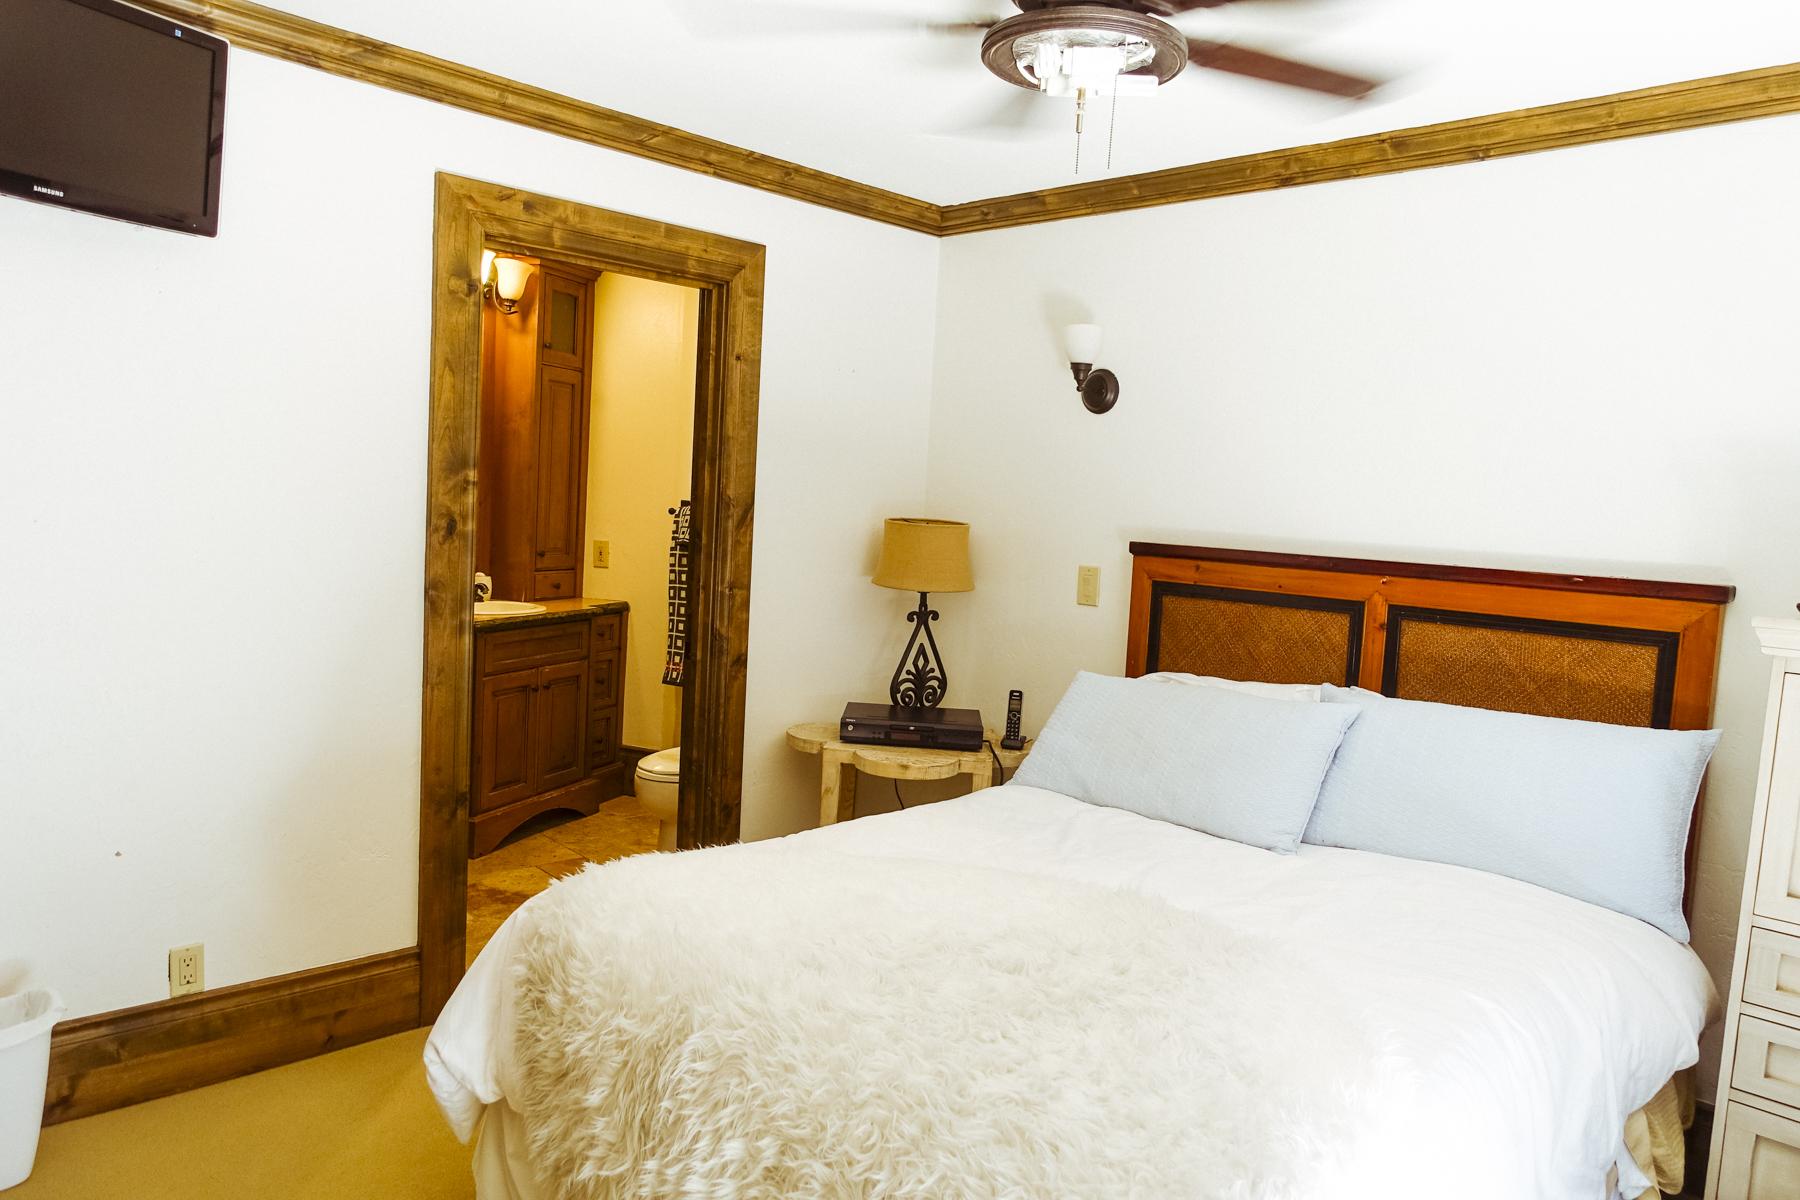 011 GUEST BEDROOM 2.jpg